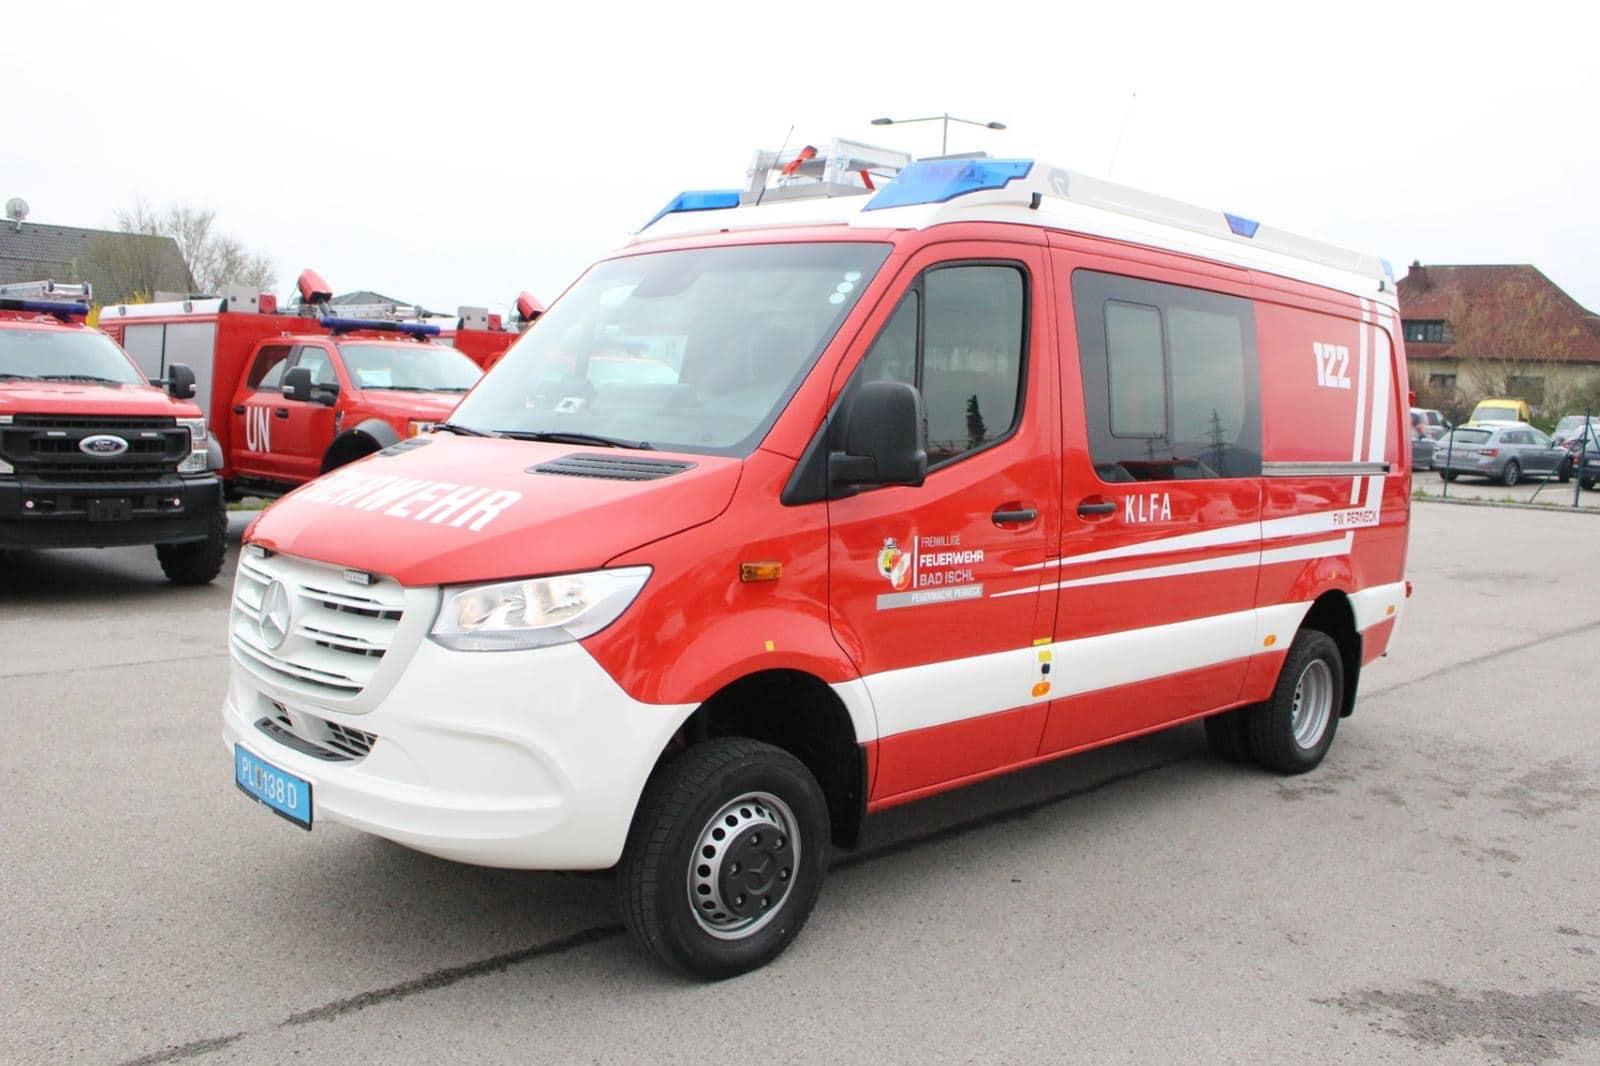 Neues KLF-A für die Feuerwache Perneck